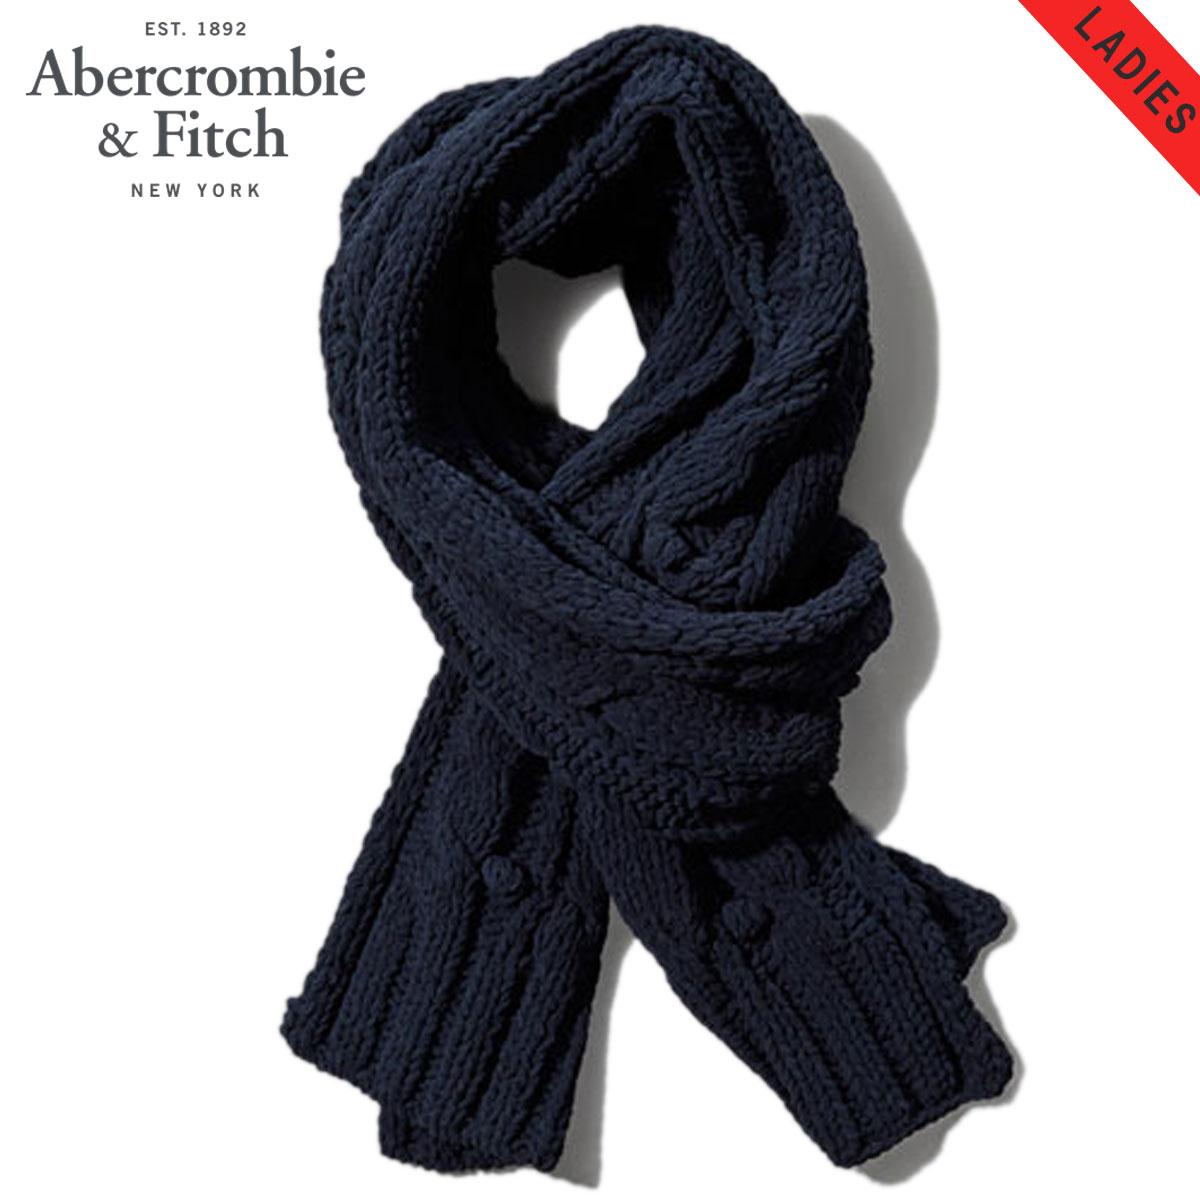 【販売期間 1/18 10:00〜1/22 9:59】 アバクロ Abercrombie&Fitch 正規品 スカーフ Cable Knit Winter Scarf 154-540-0313-023